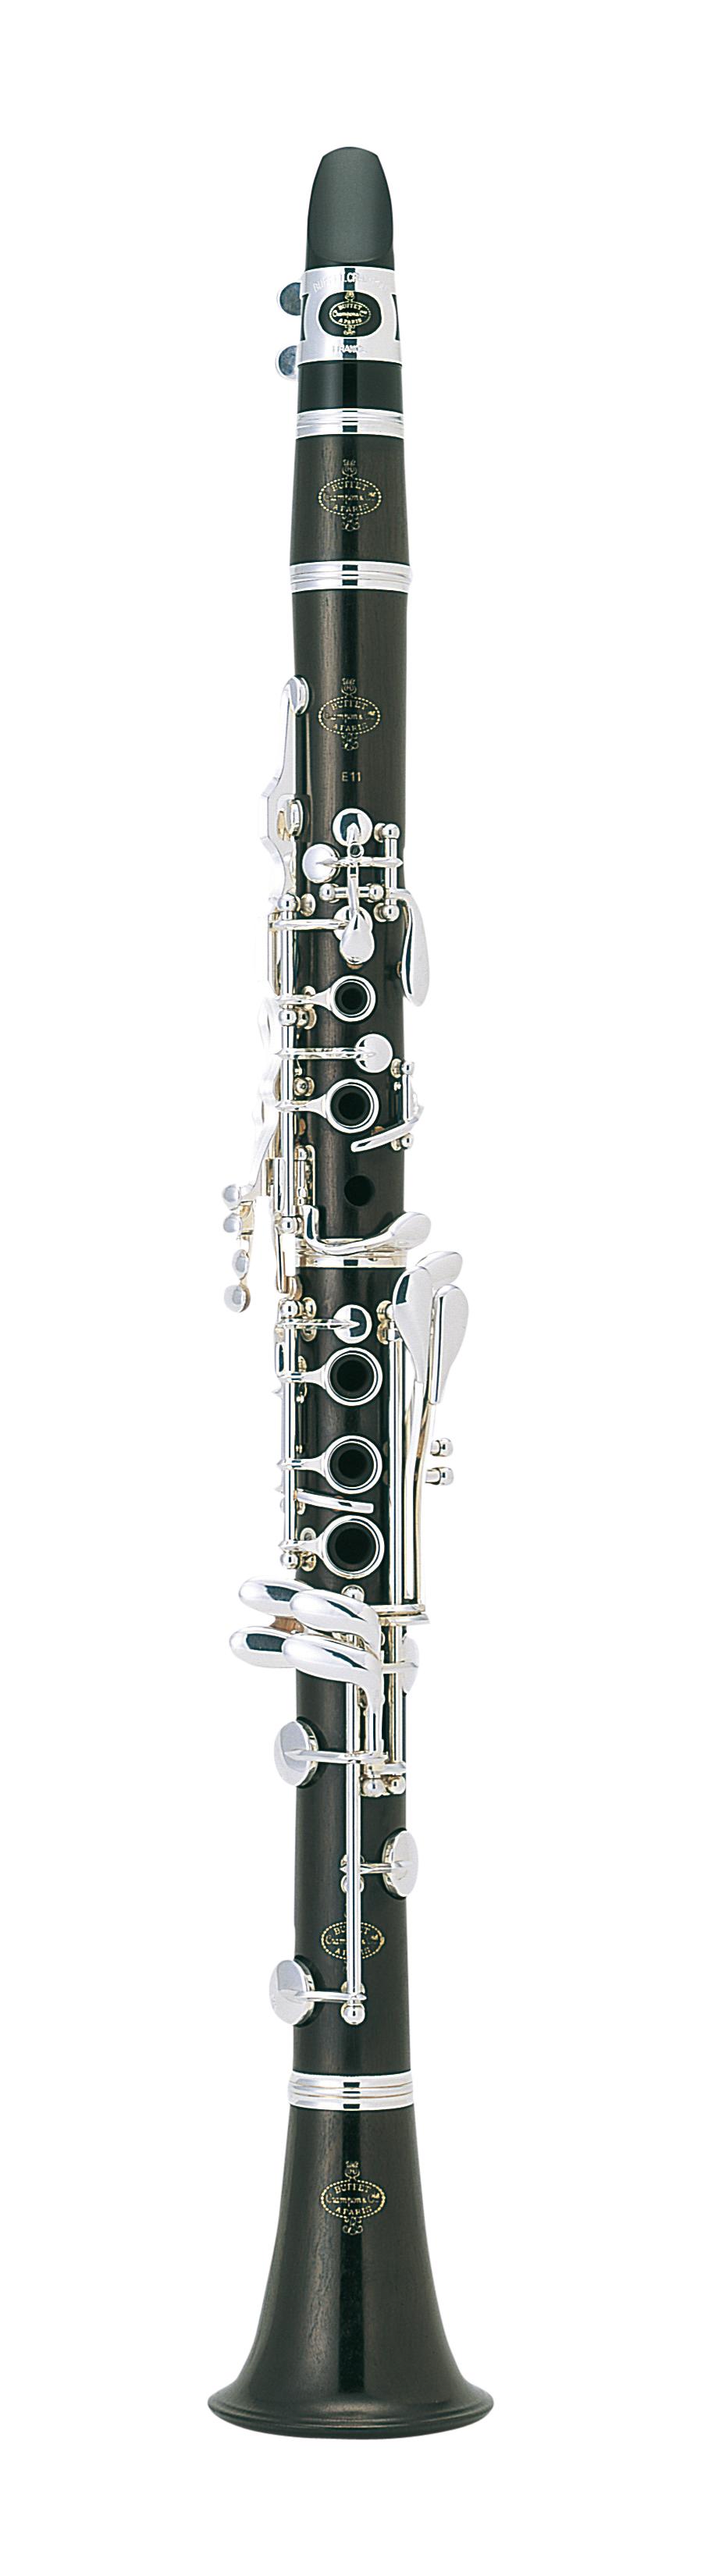 Buffet - BC - 2201 - 2 - 0W - E-11 C - Holzblasinstrumente - Klarinetten | MUSIK BERTRAM Deutschland Freiburg